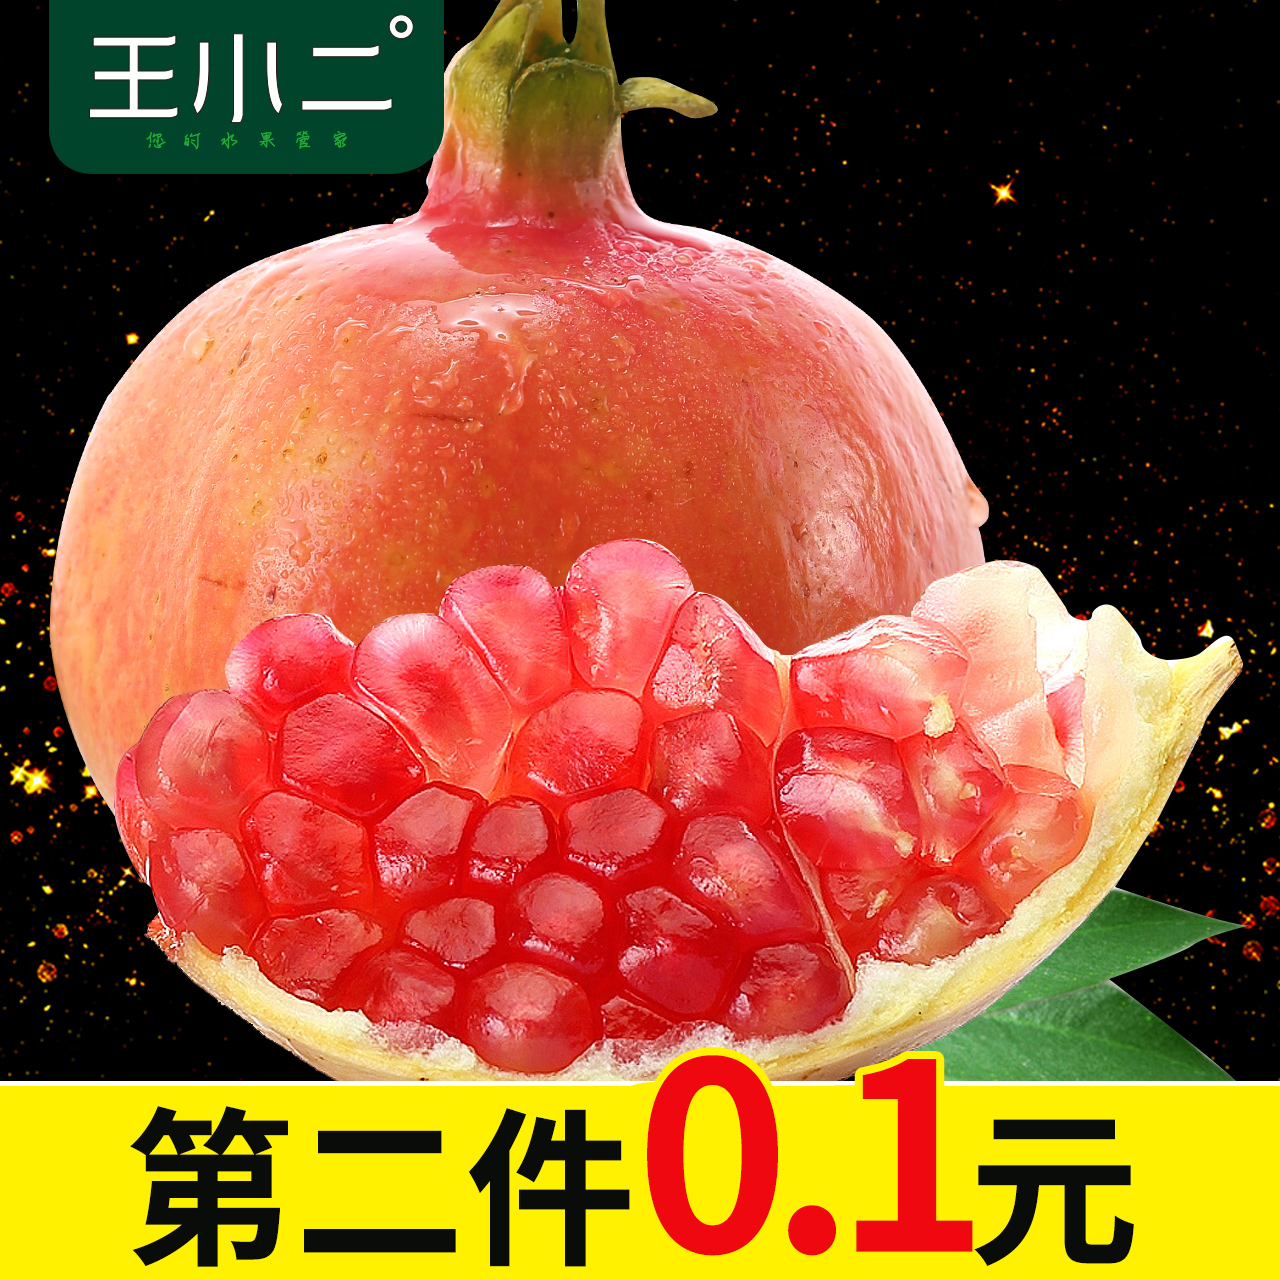 Купить Гранат в Китае, в интернет магазине таобао на русском языке